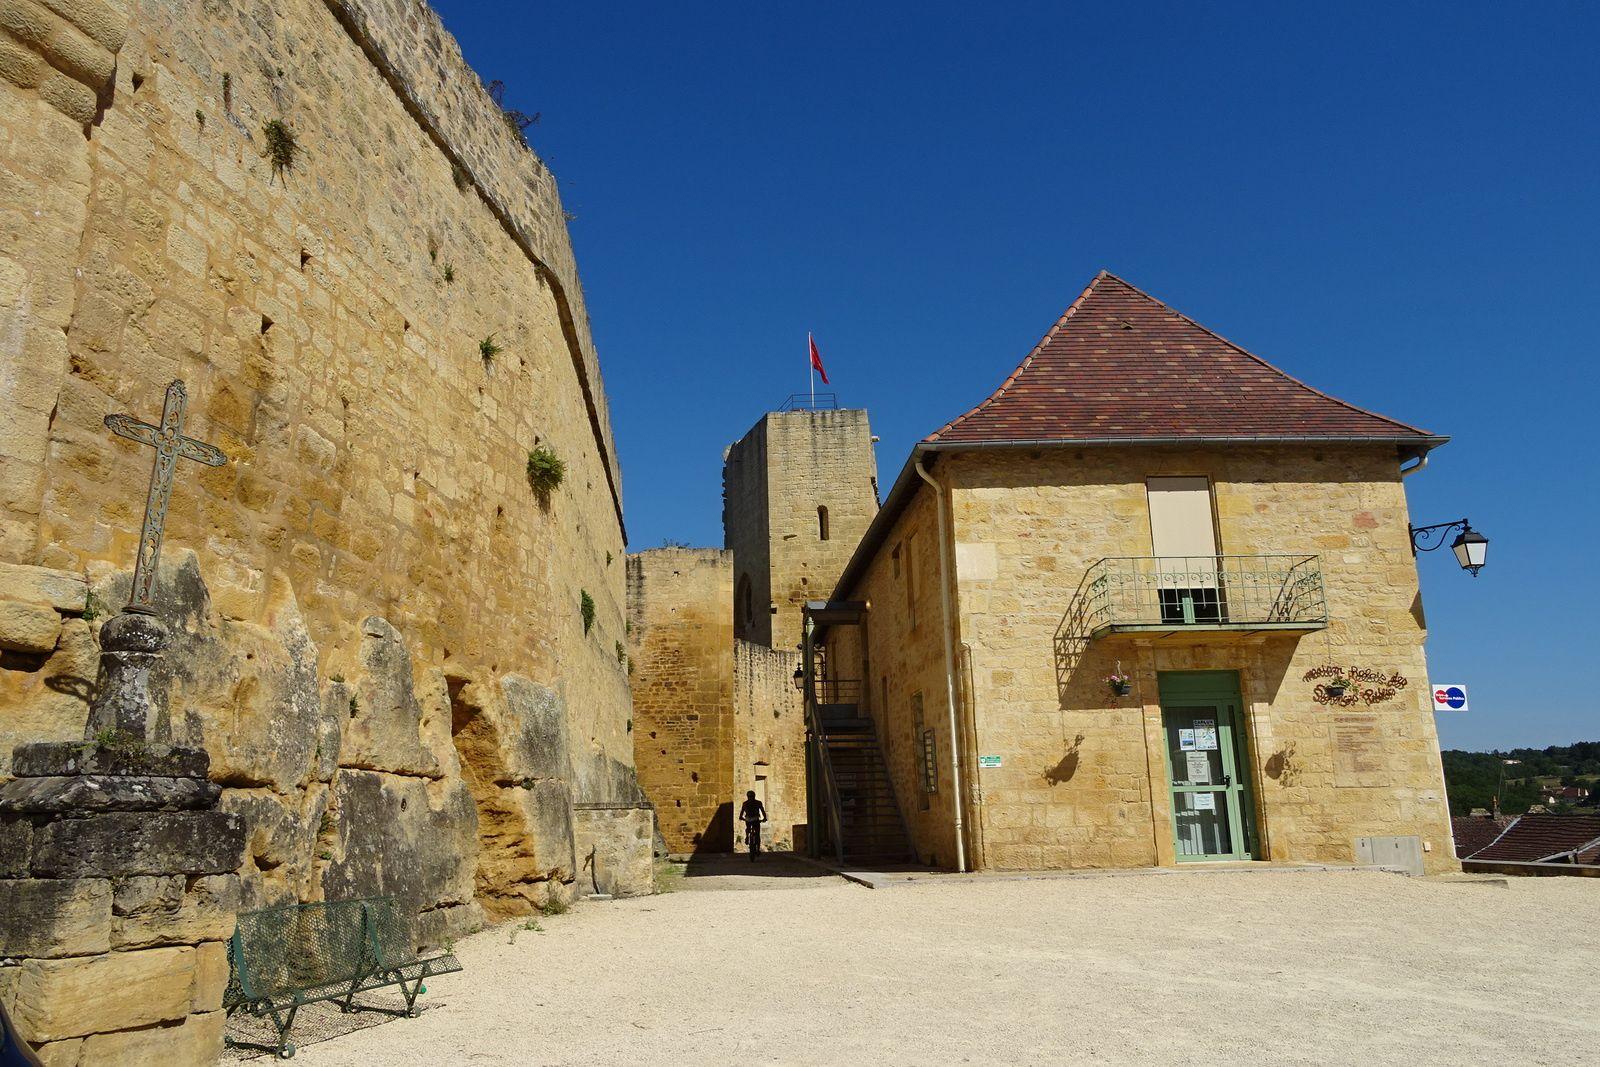 Le village et le château de Carlux. Trace  complètement nulle mais beaux sites.